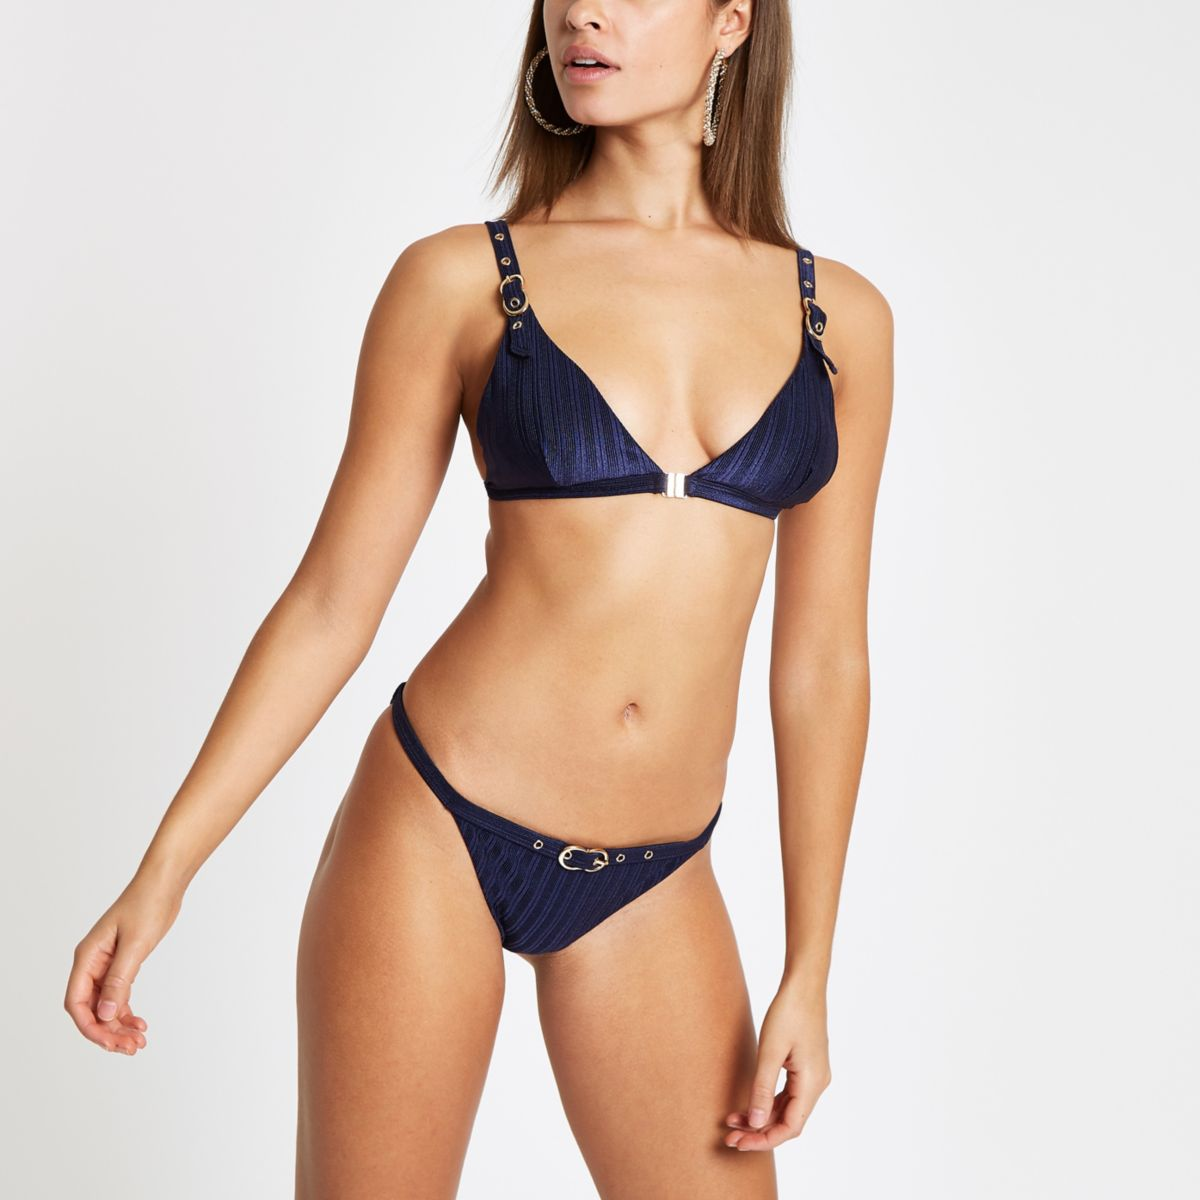 Marineblauwe hoog uitgesneden bikinibroekje met gesp-rand